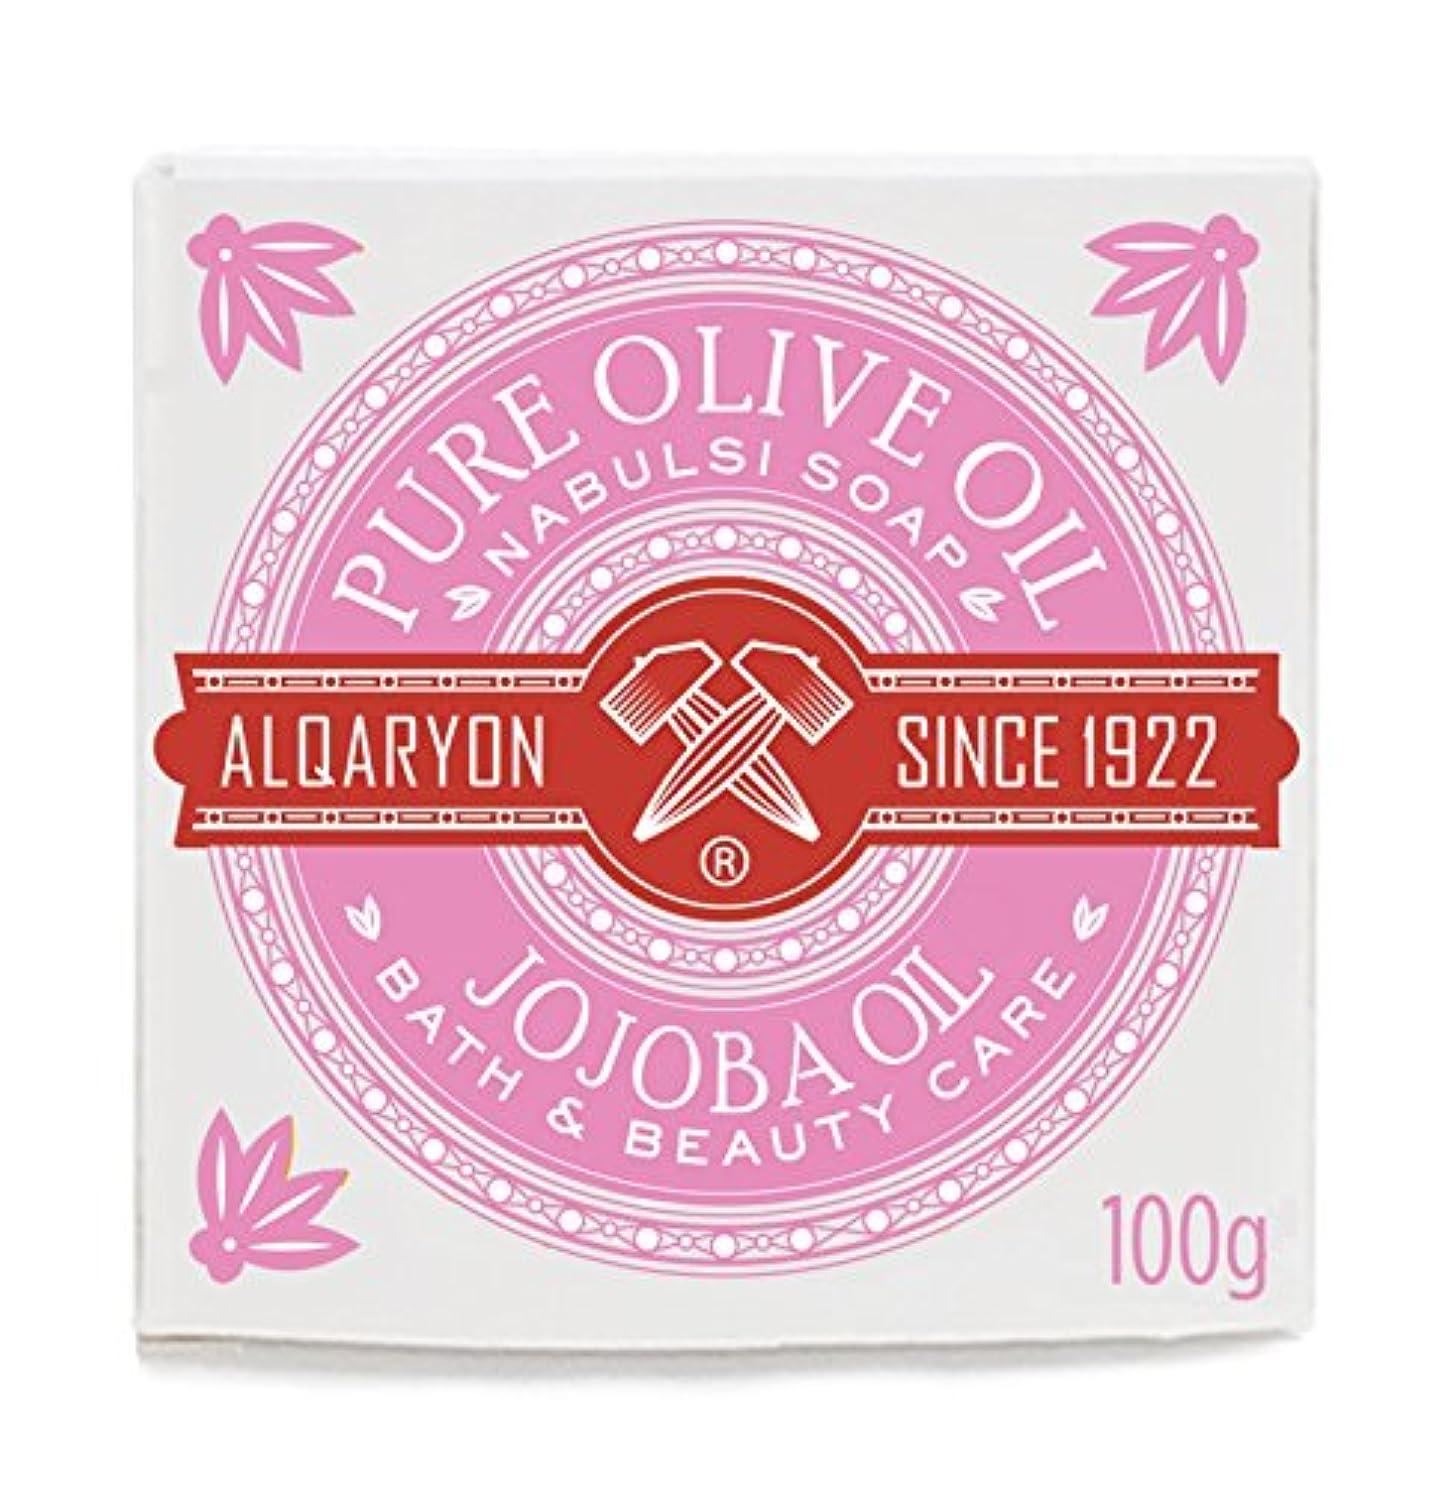 精神的に効率代わりにを立てるAlqaryon Jojoba Oil & Olive Oil Bar Soaps, Pack of 4 Bars 100g - Alqaryonのホホバ オイルとオリーブオイル ソープ、バス & ビューティー ケア、100g...